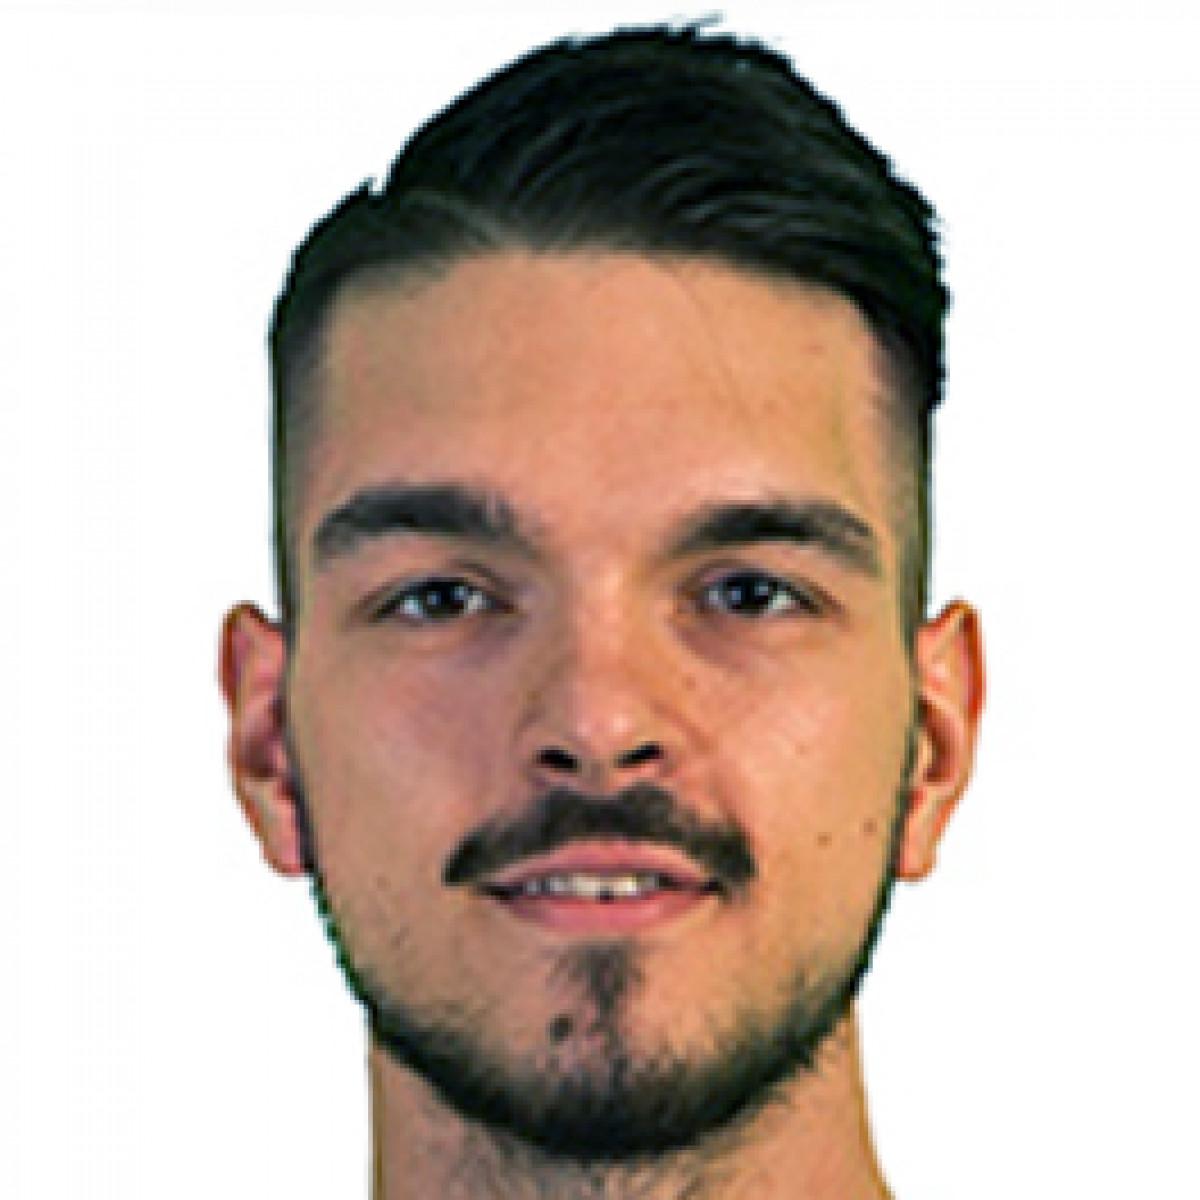 Benjamin Blazevic